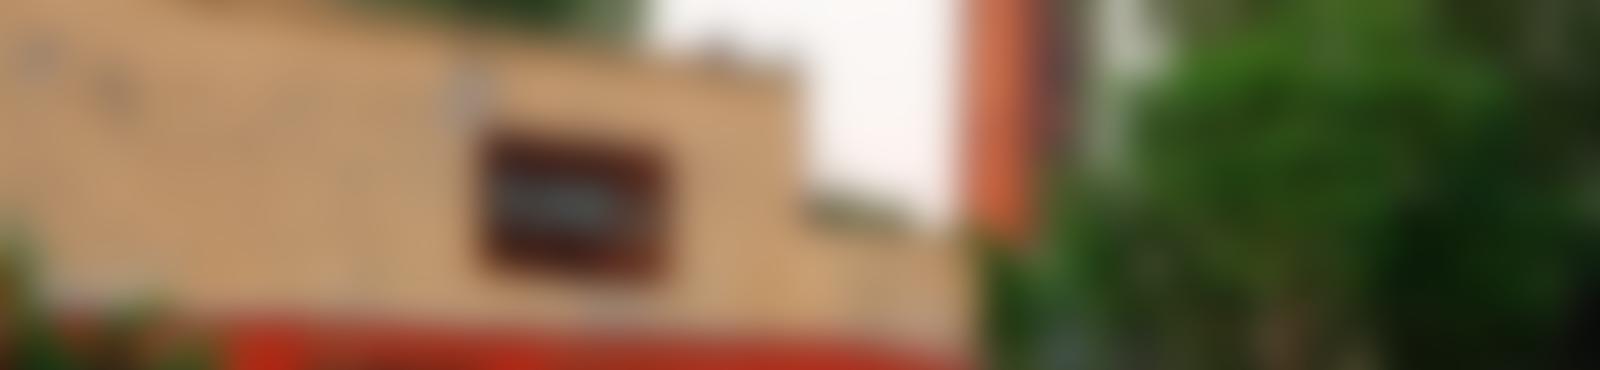 Blurred a70ecb85 1751 4e41 a3de df3fc692d0ad